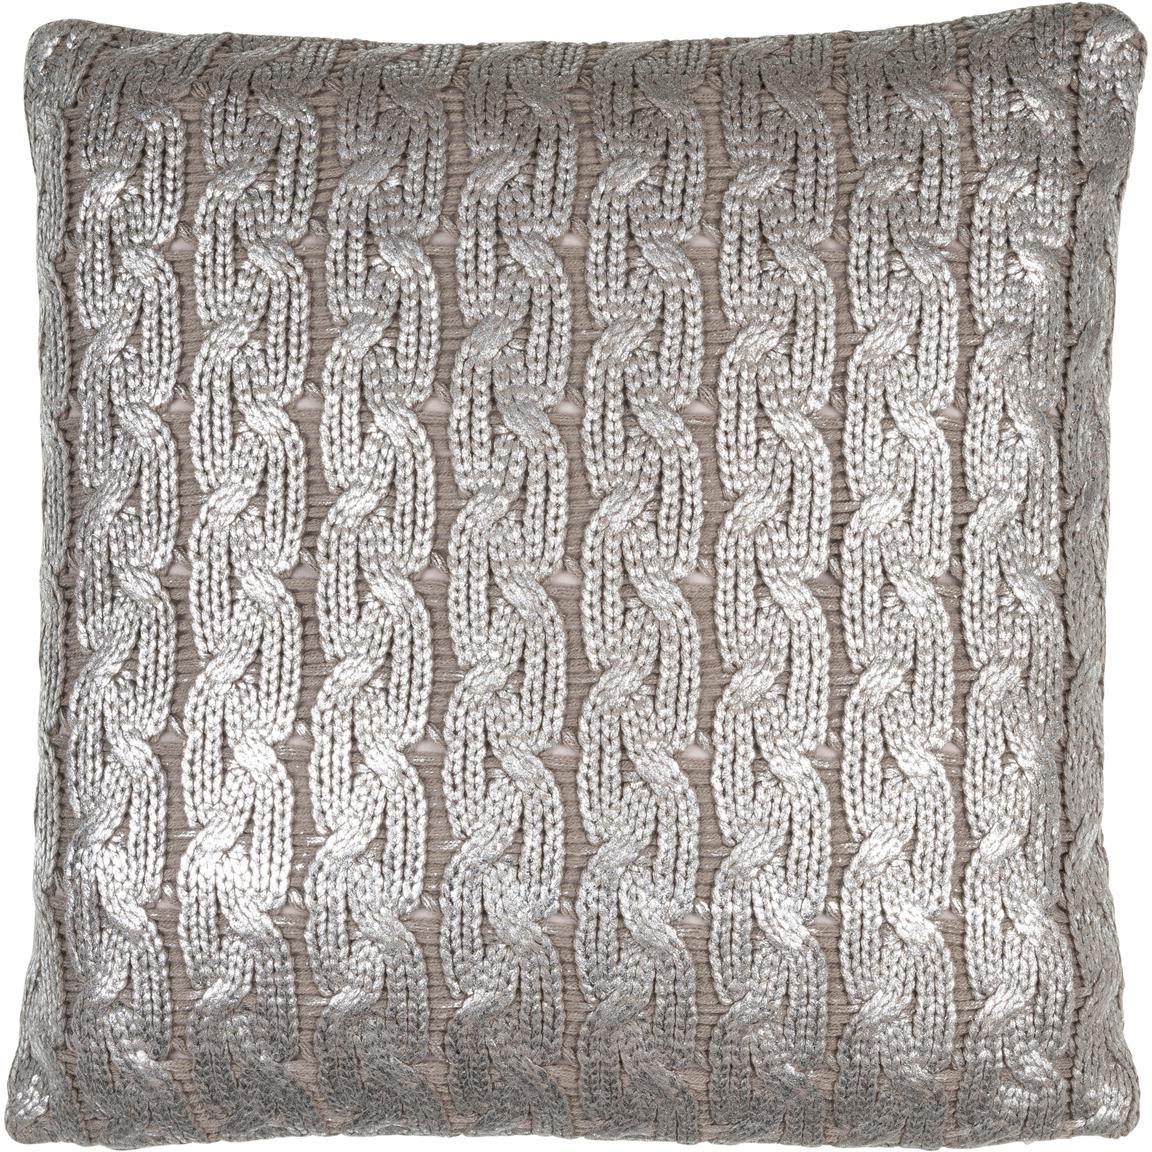 Federa arredo fatta a maglia effetto lucido Trenes, 100% acrilico, Taupe, argentato, Larg. 45 x Lung. 45 cm